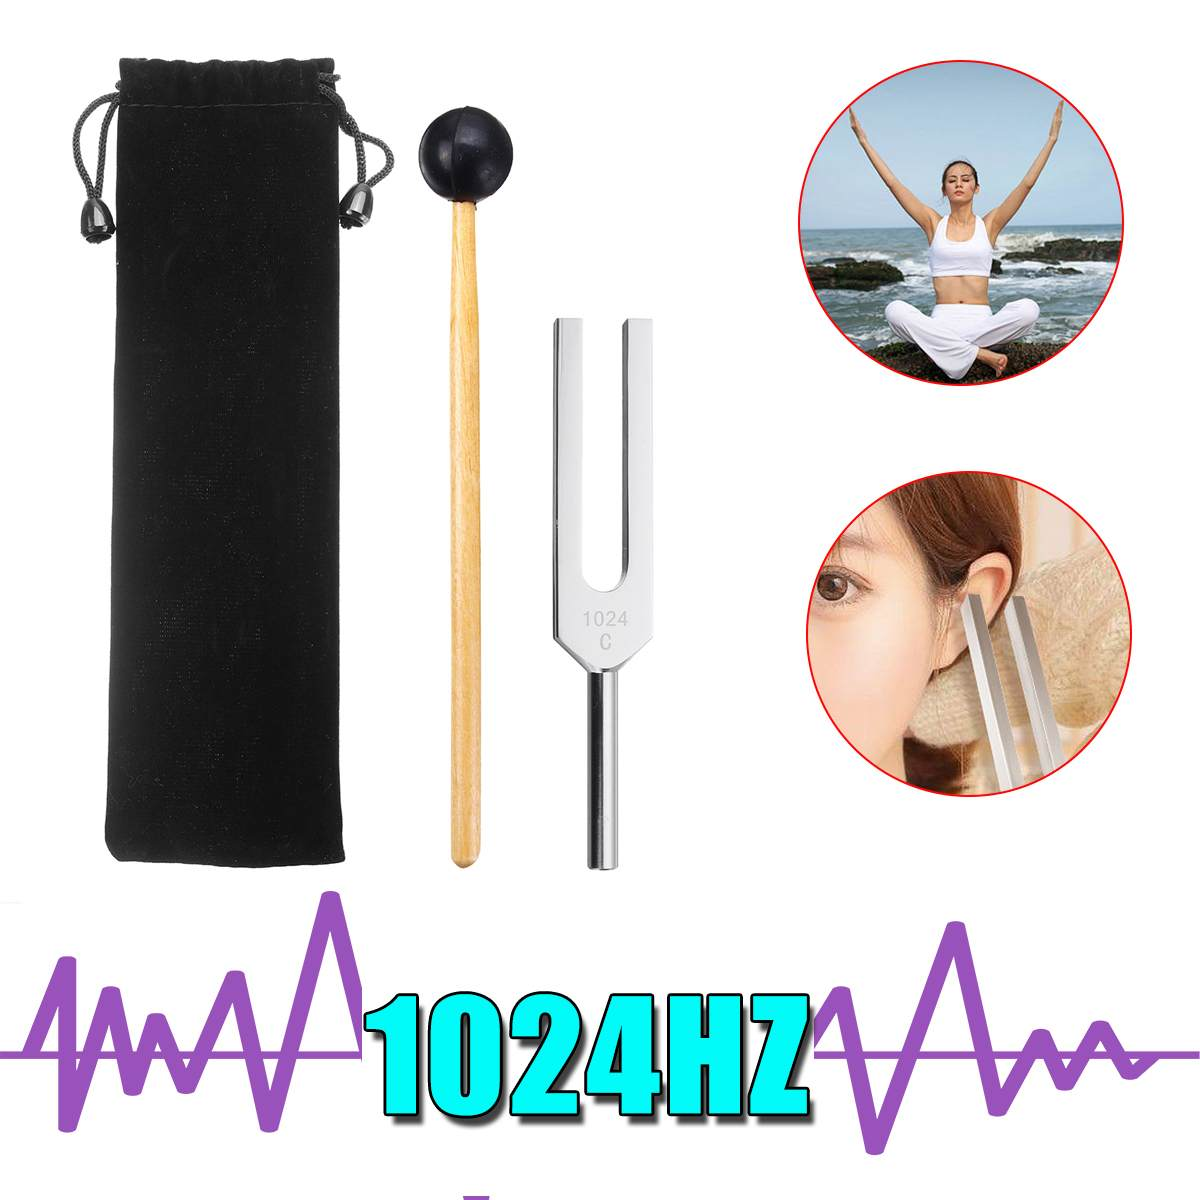 1024HZ алюминиевая медицинская тюнинговая вилка с Malle медицинский уход за больной системой тестирование Исцеление звук вибрационная терапия+ сумки для хранения